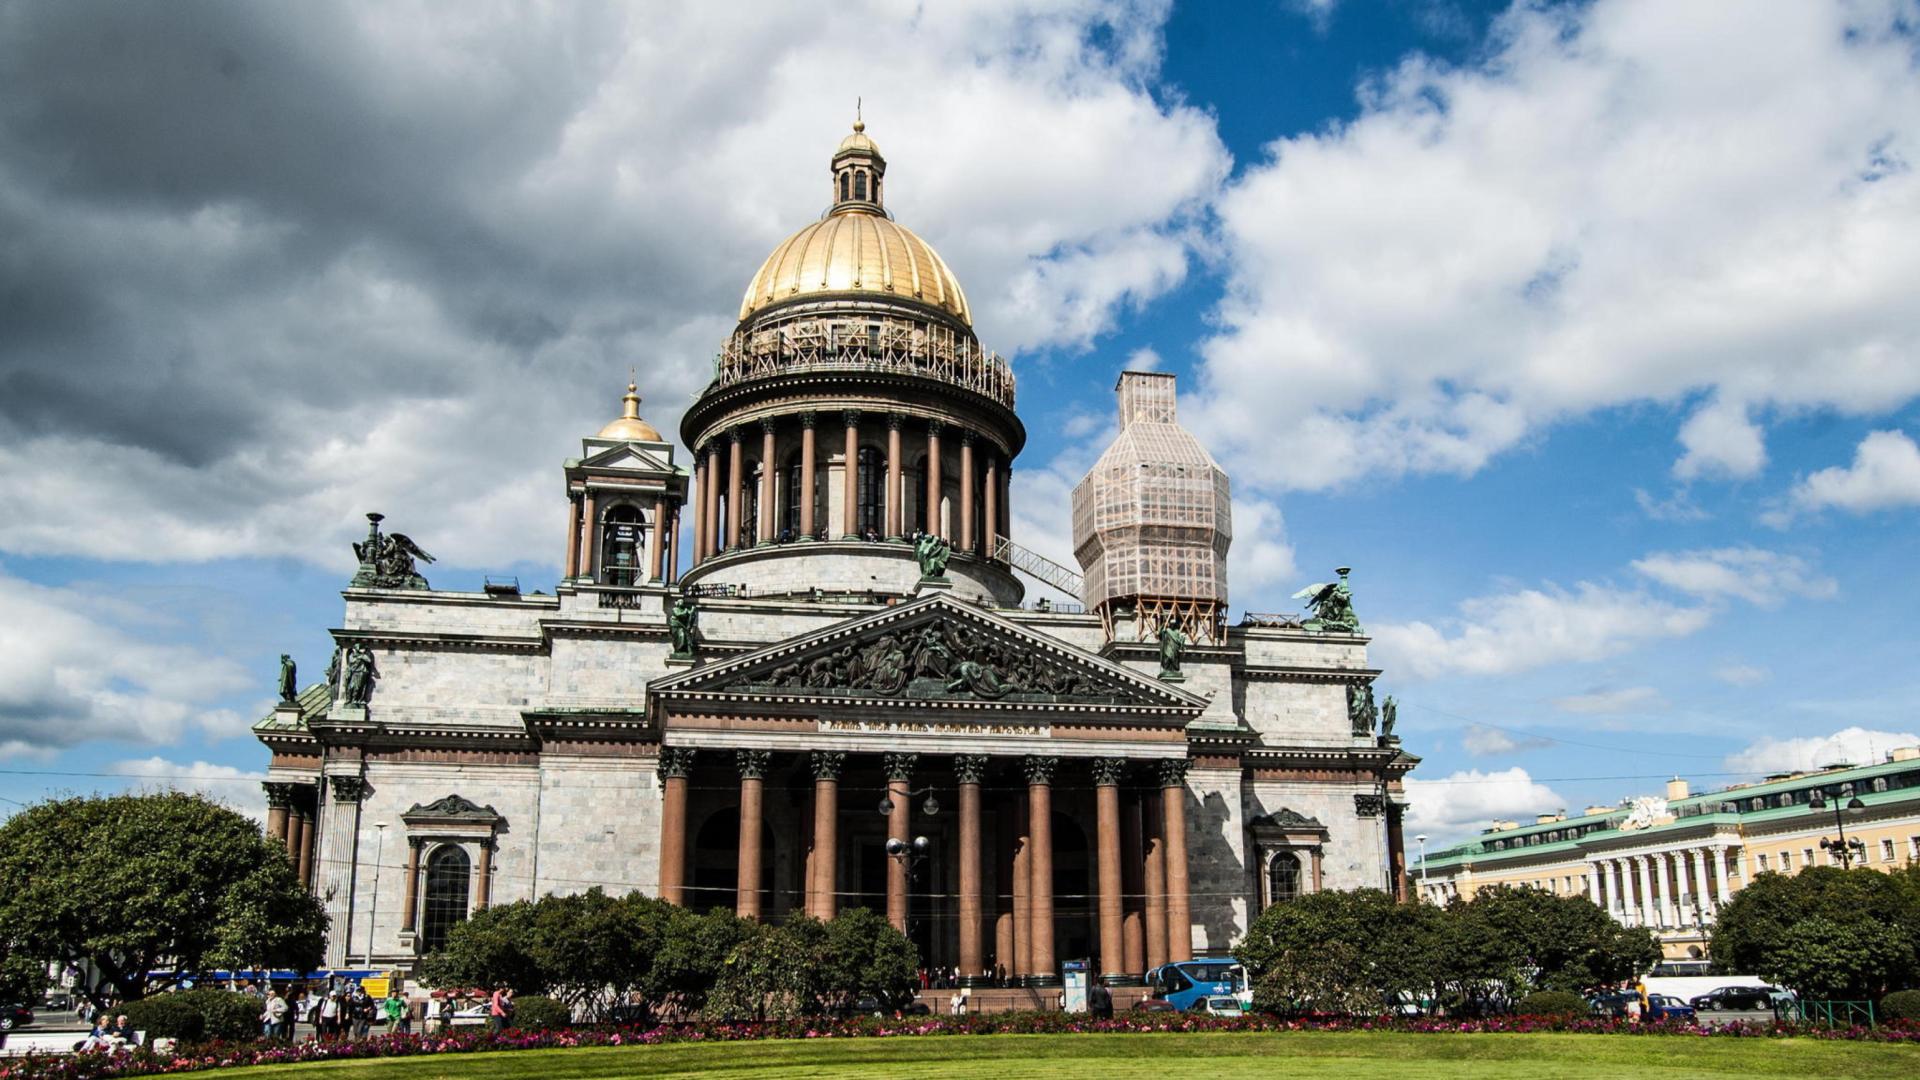 картинки санкт-петербурга хорошего качества на рабочий стол челябинске работает уже